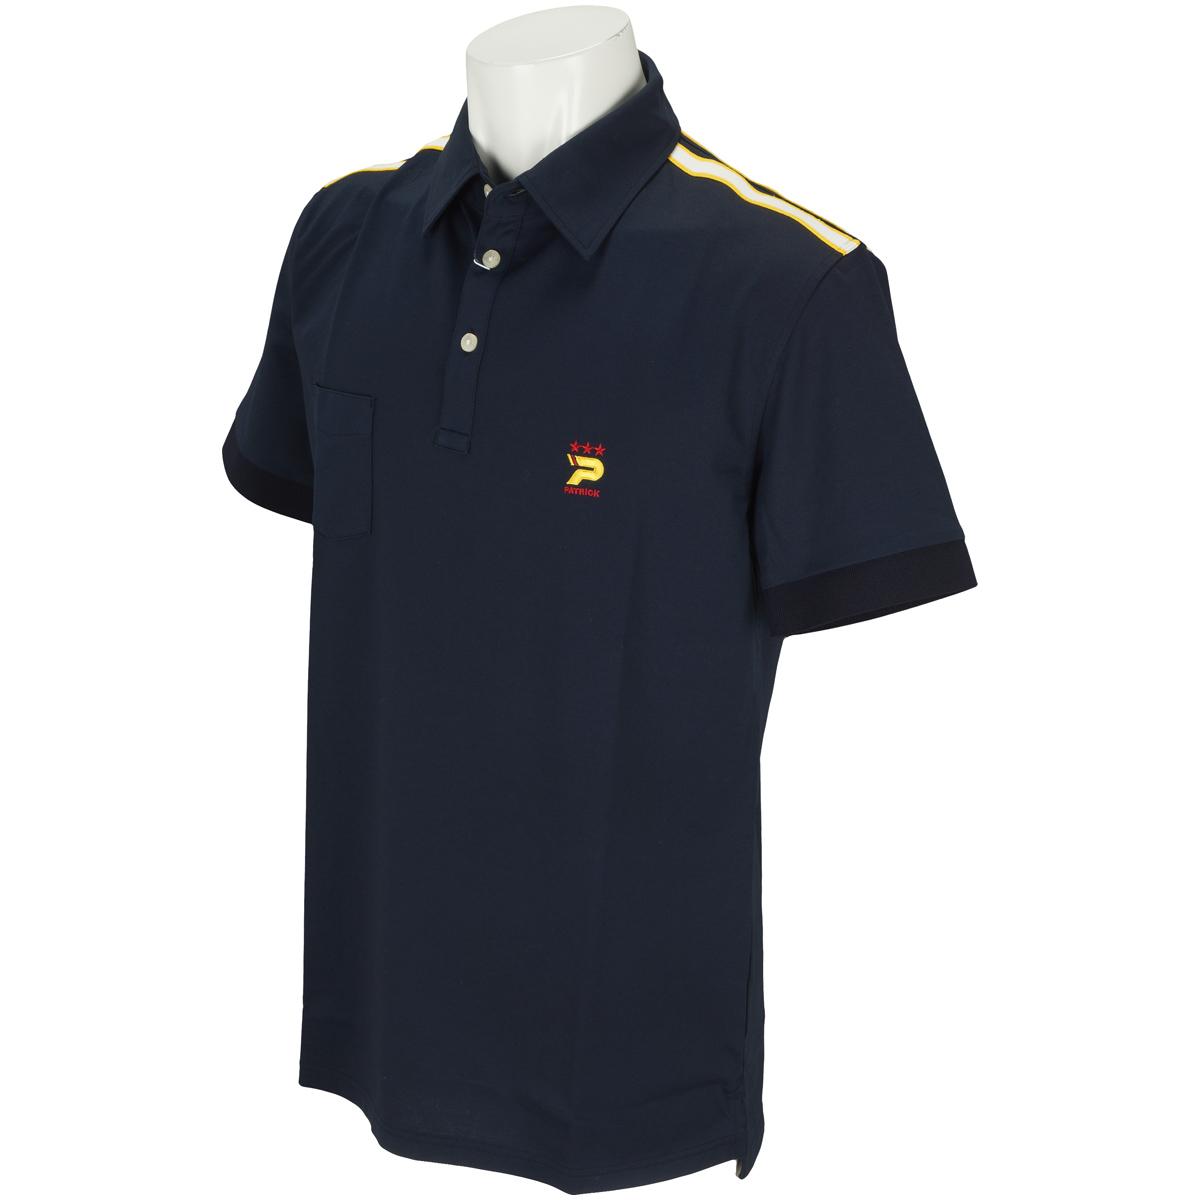 ストレッチライン半袖ポロシャツ